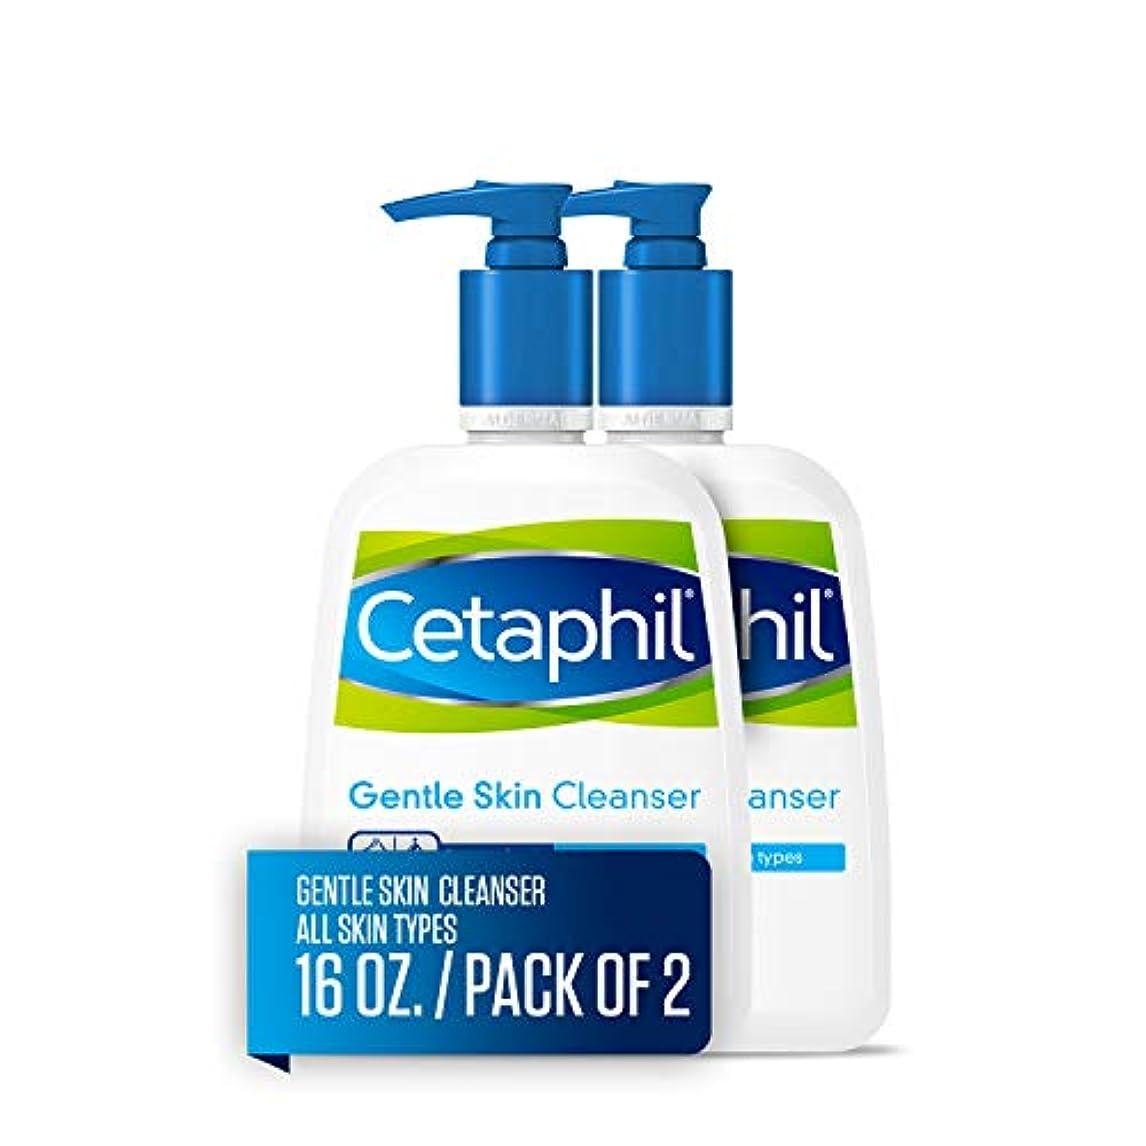 前兆妨げる法医学Cetaphil オールスキンタイプジェントルスキンクレンザー16オズ(2パック) 2パック